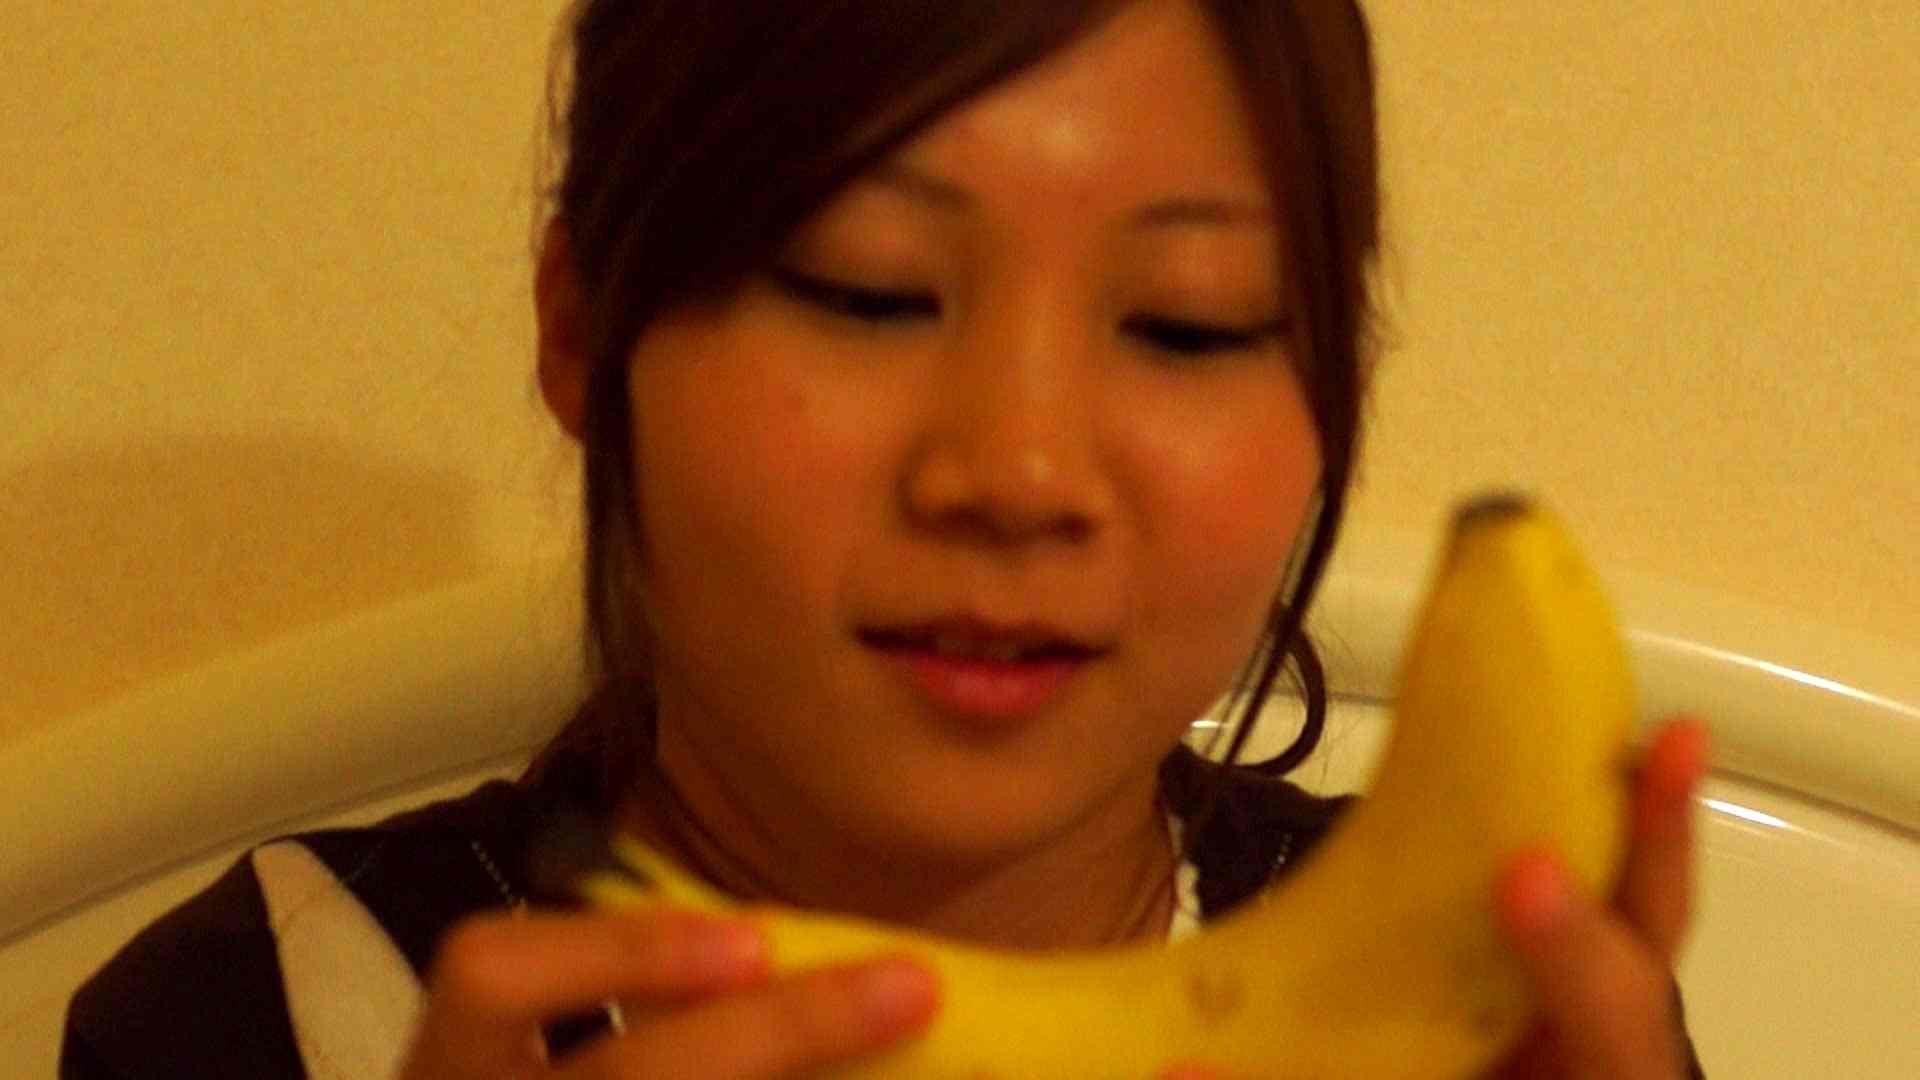 巨乳 乳首:vol.13 瑞希ちゃんにバナナを舐めてもらいました。:大奥